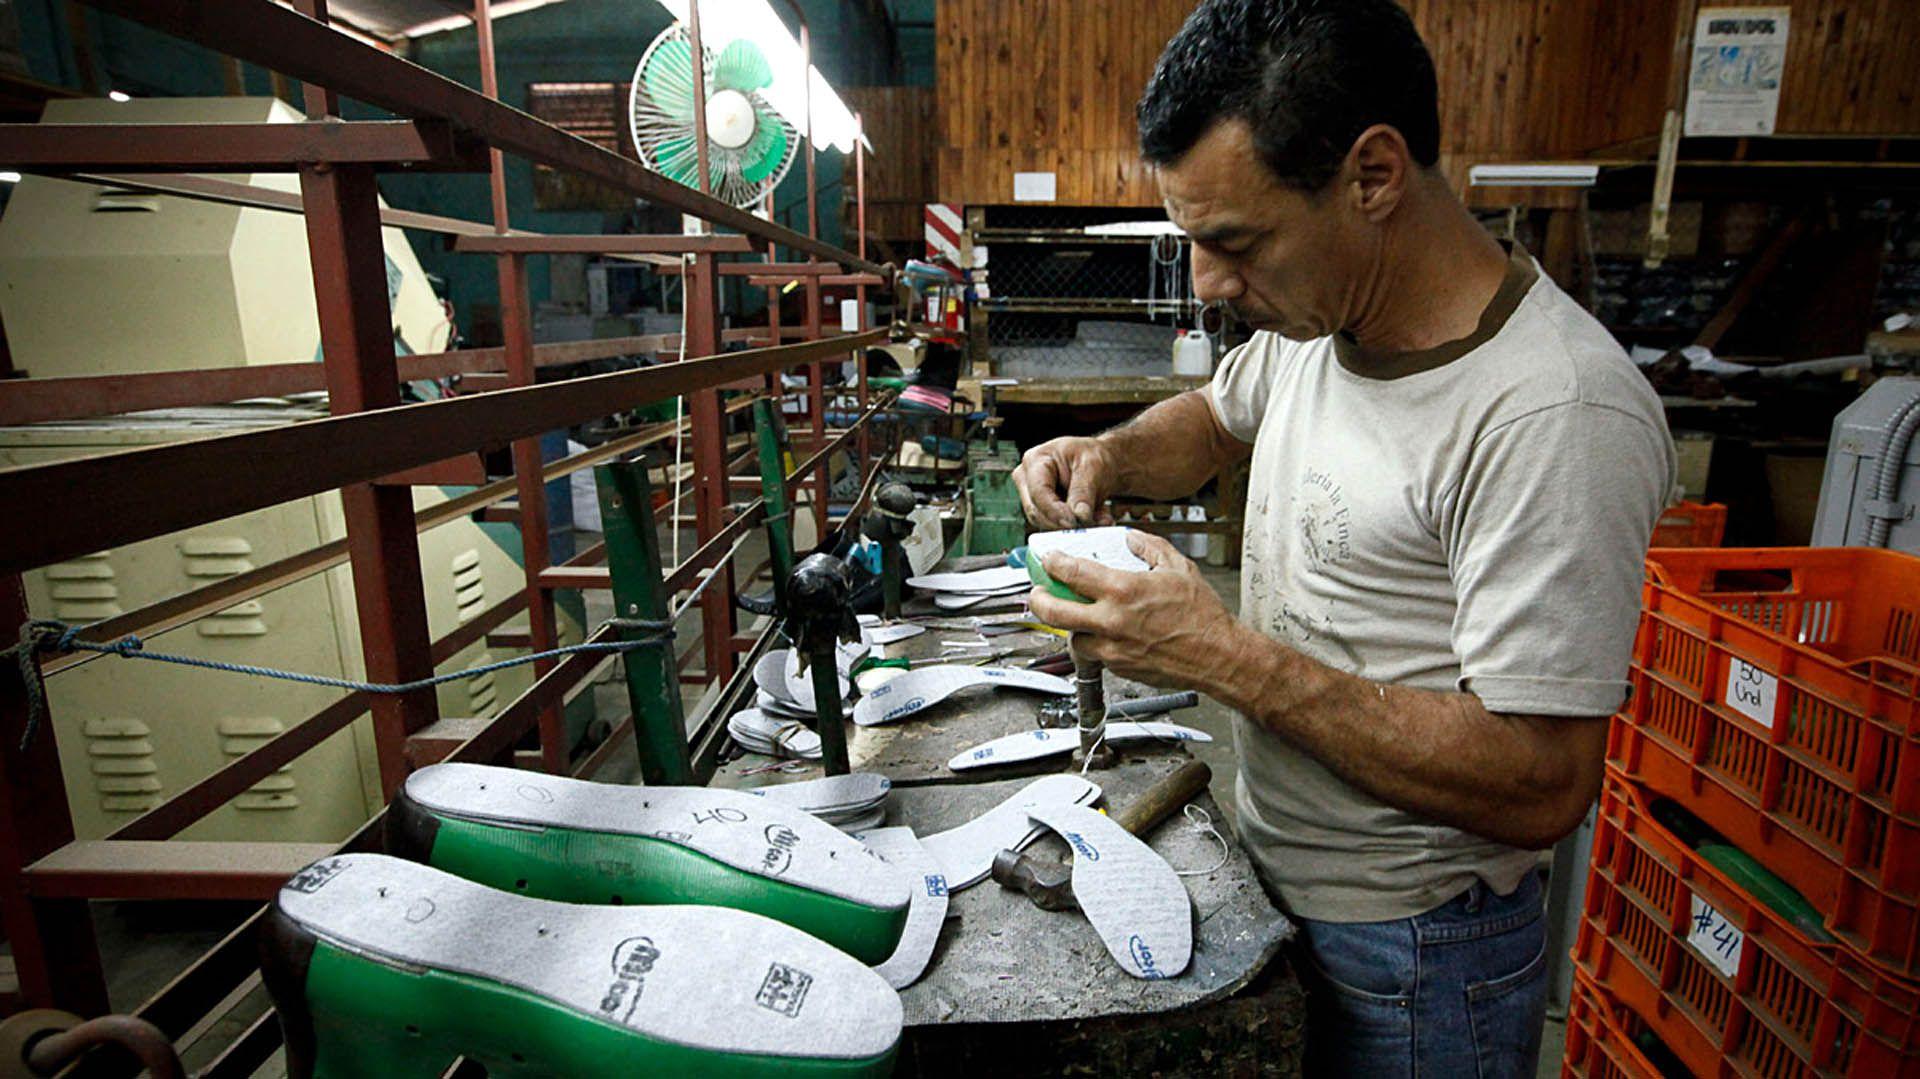 La industria de calzado es una de los tantas que está parads y que ya venía golpeada de los últimos cuatro años